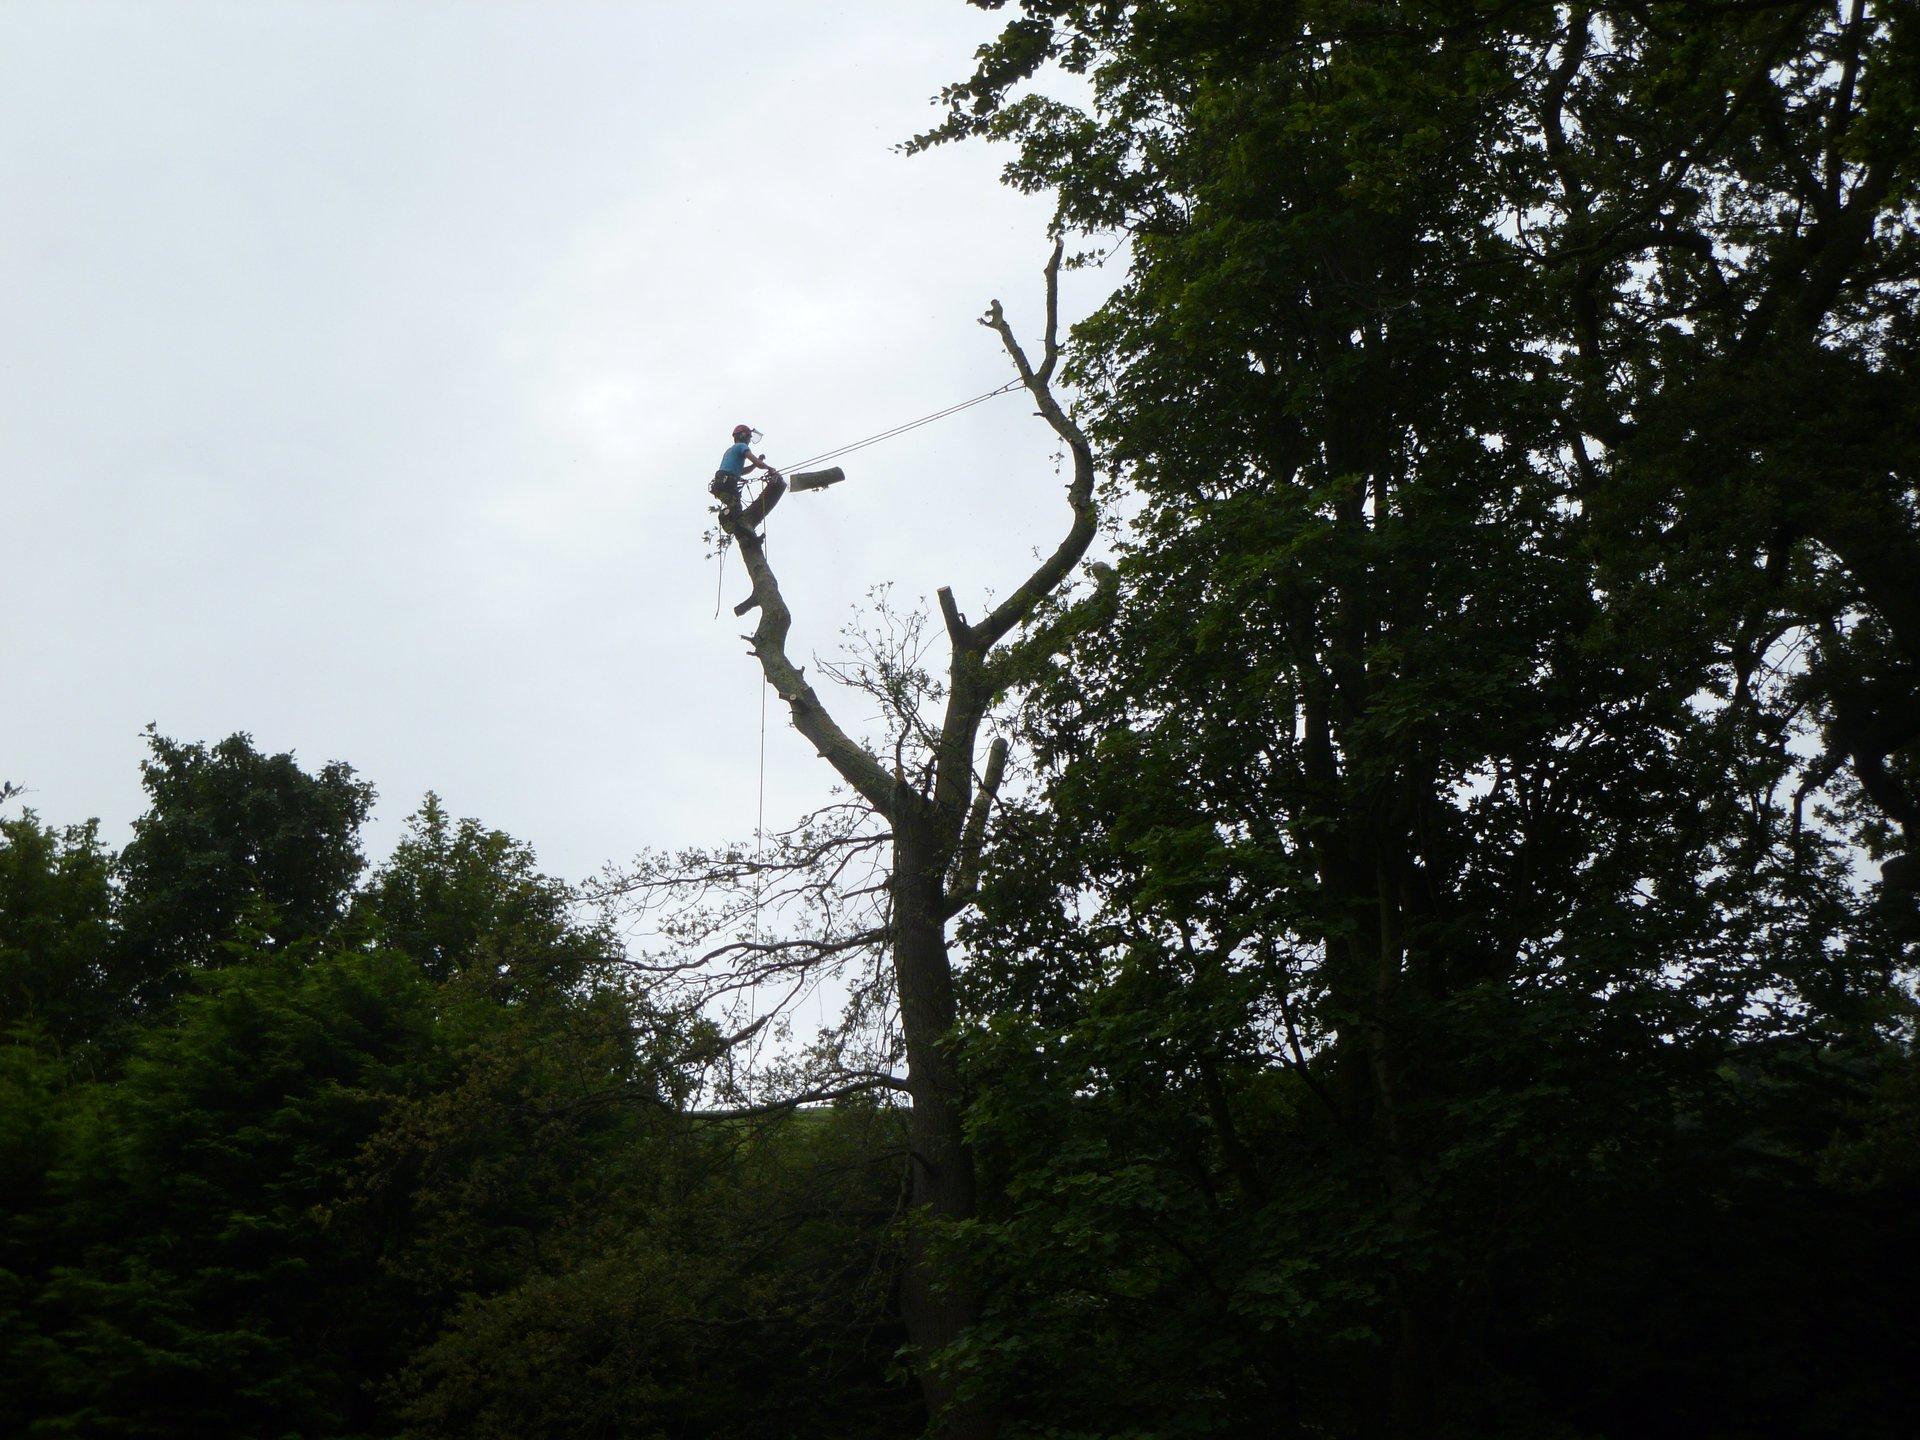 Sectionally dismantling an Oak tree near Llanfairfechan.